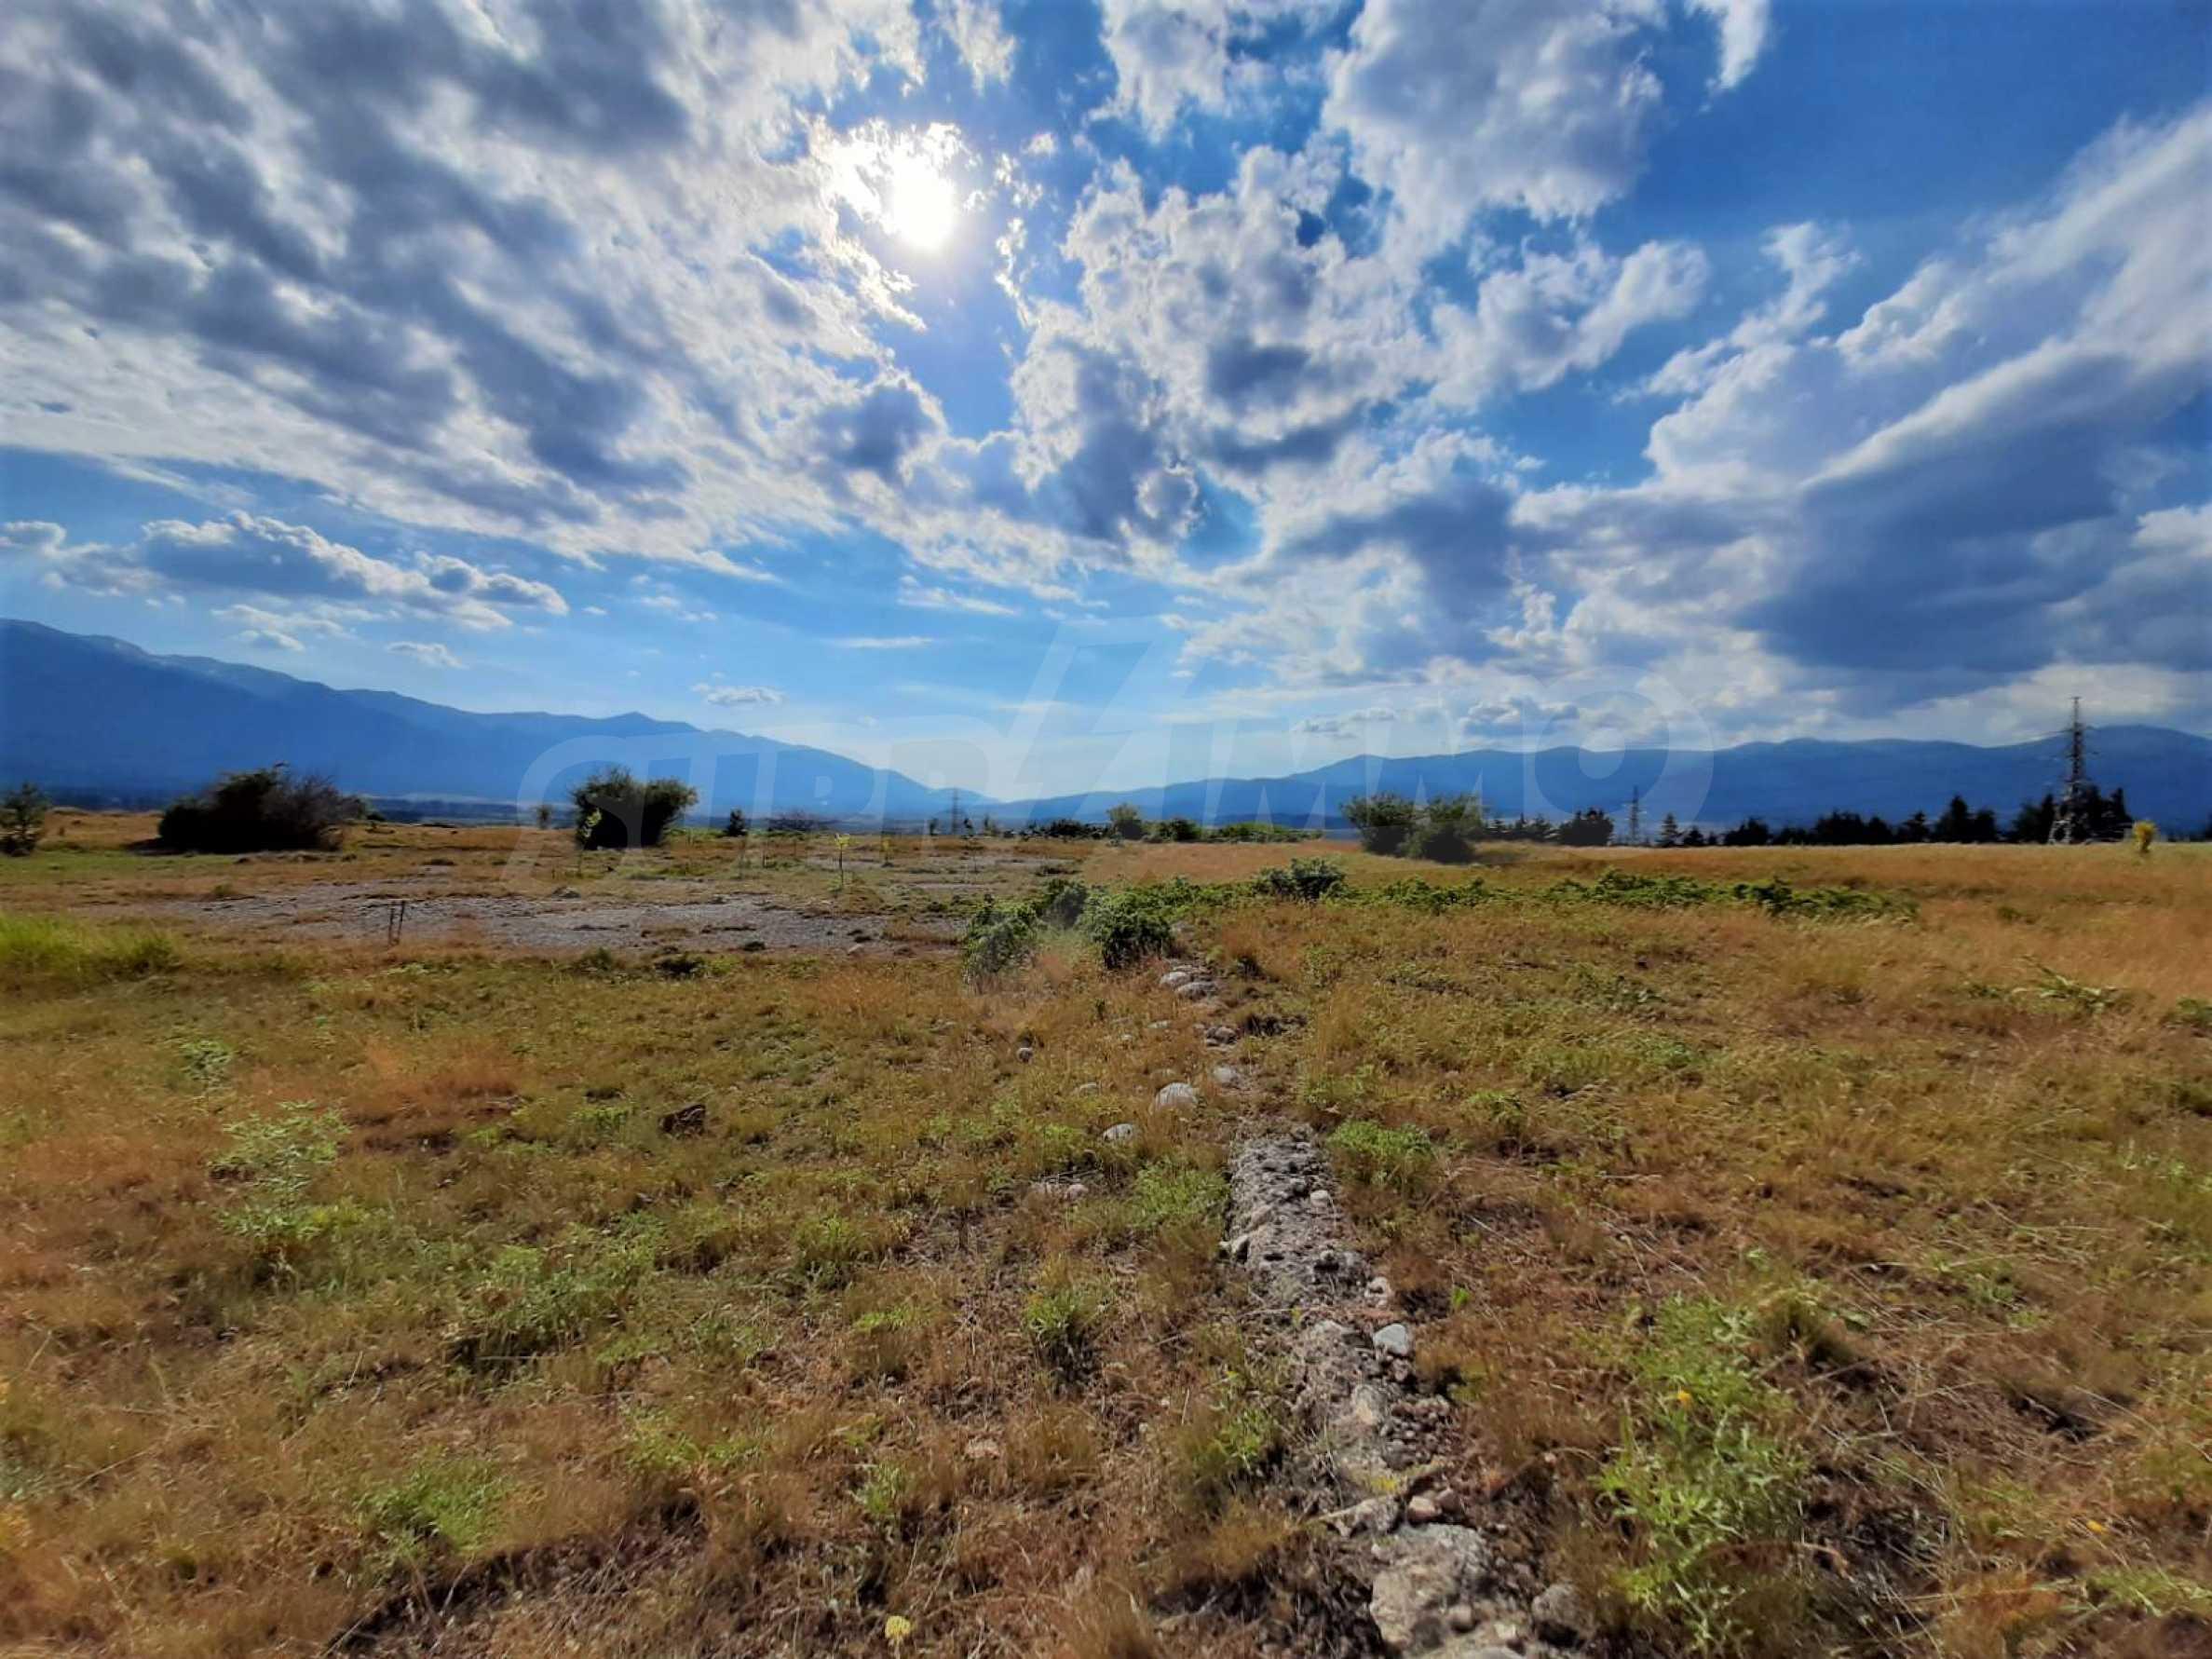 Земельный участок для продажи находится вблизи горнолыжного курорта Банско 1